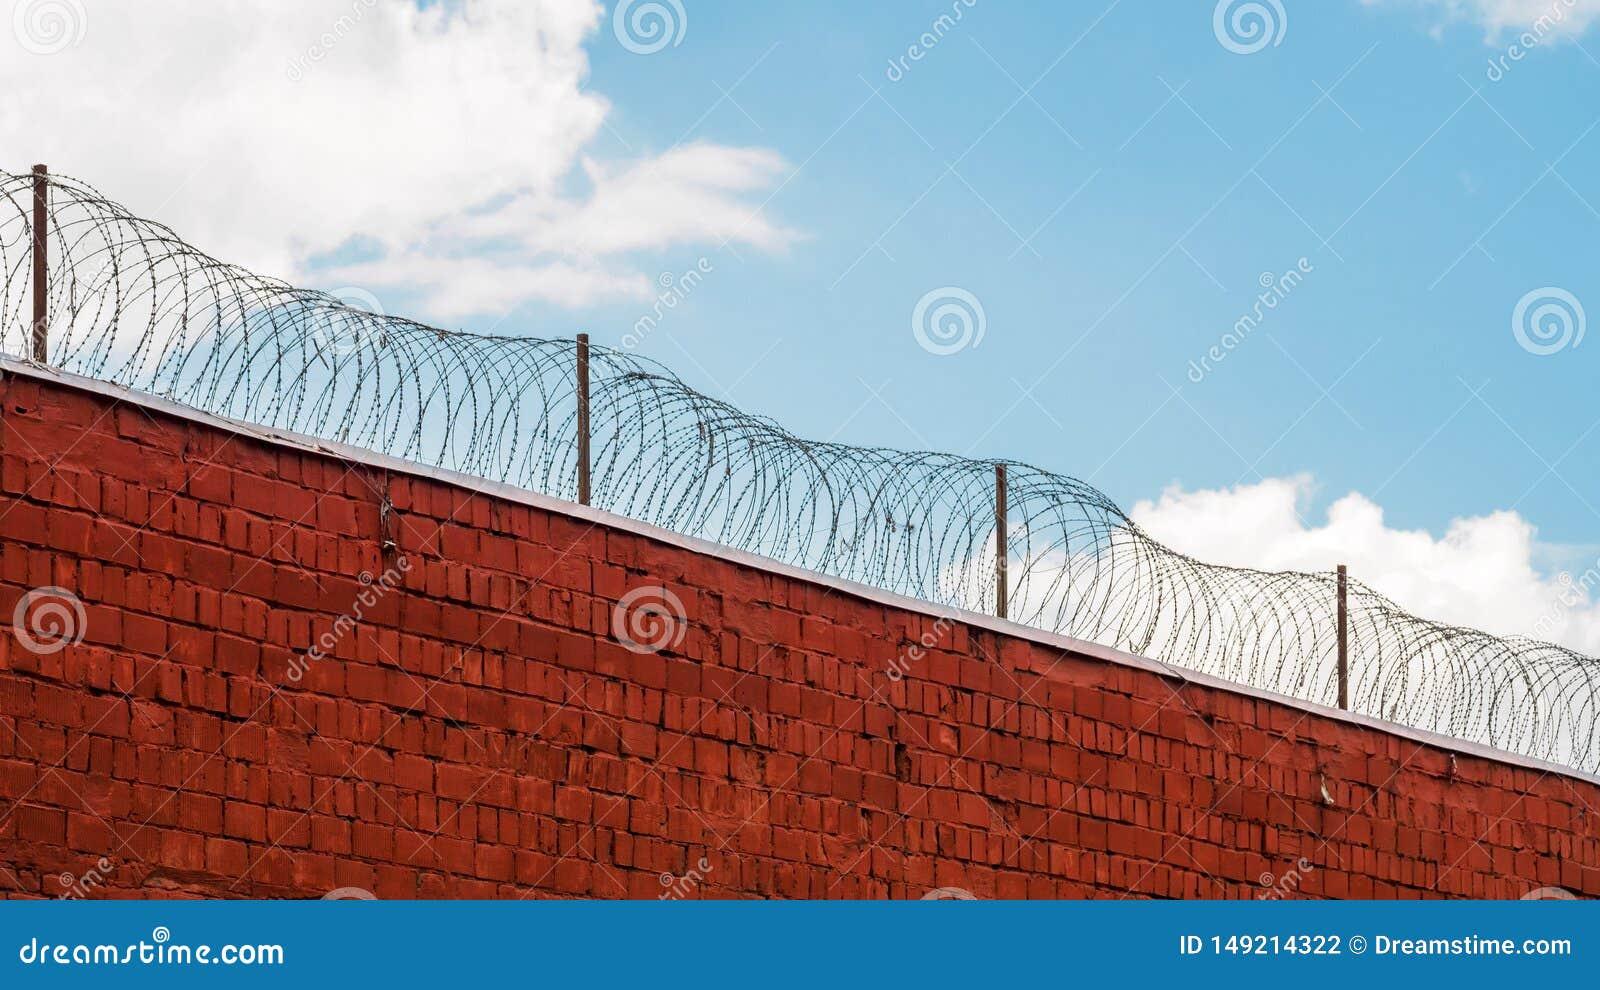 Pared de la prisión con alambre de púas y nubes en el fondo